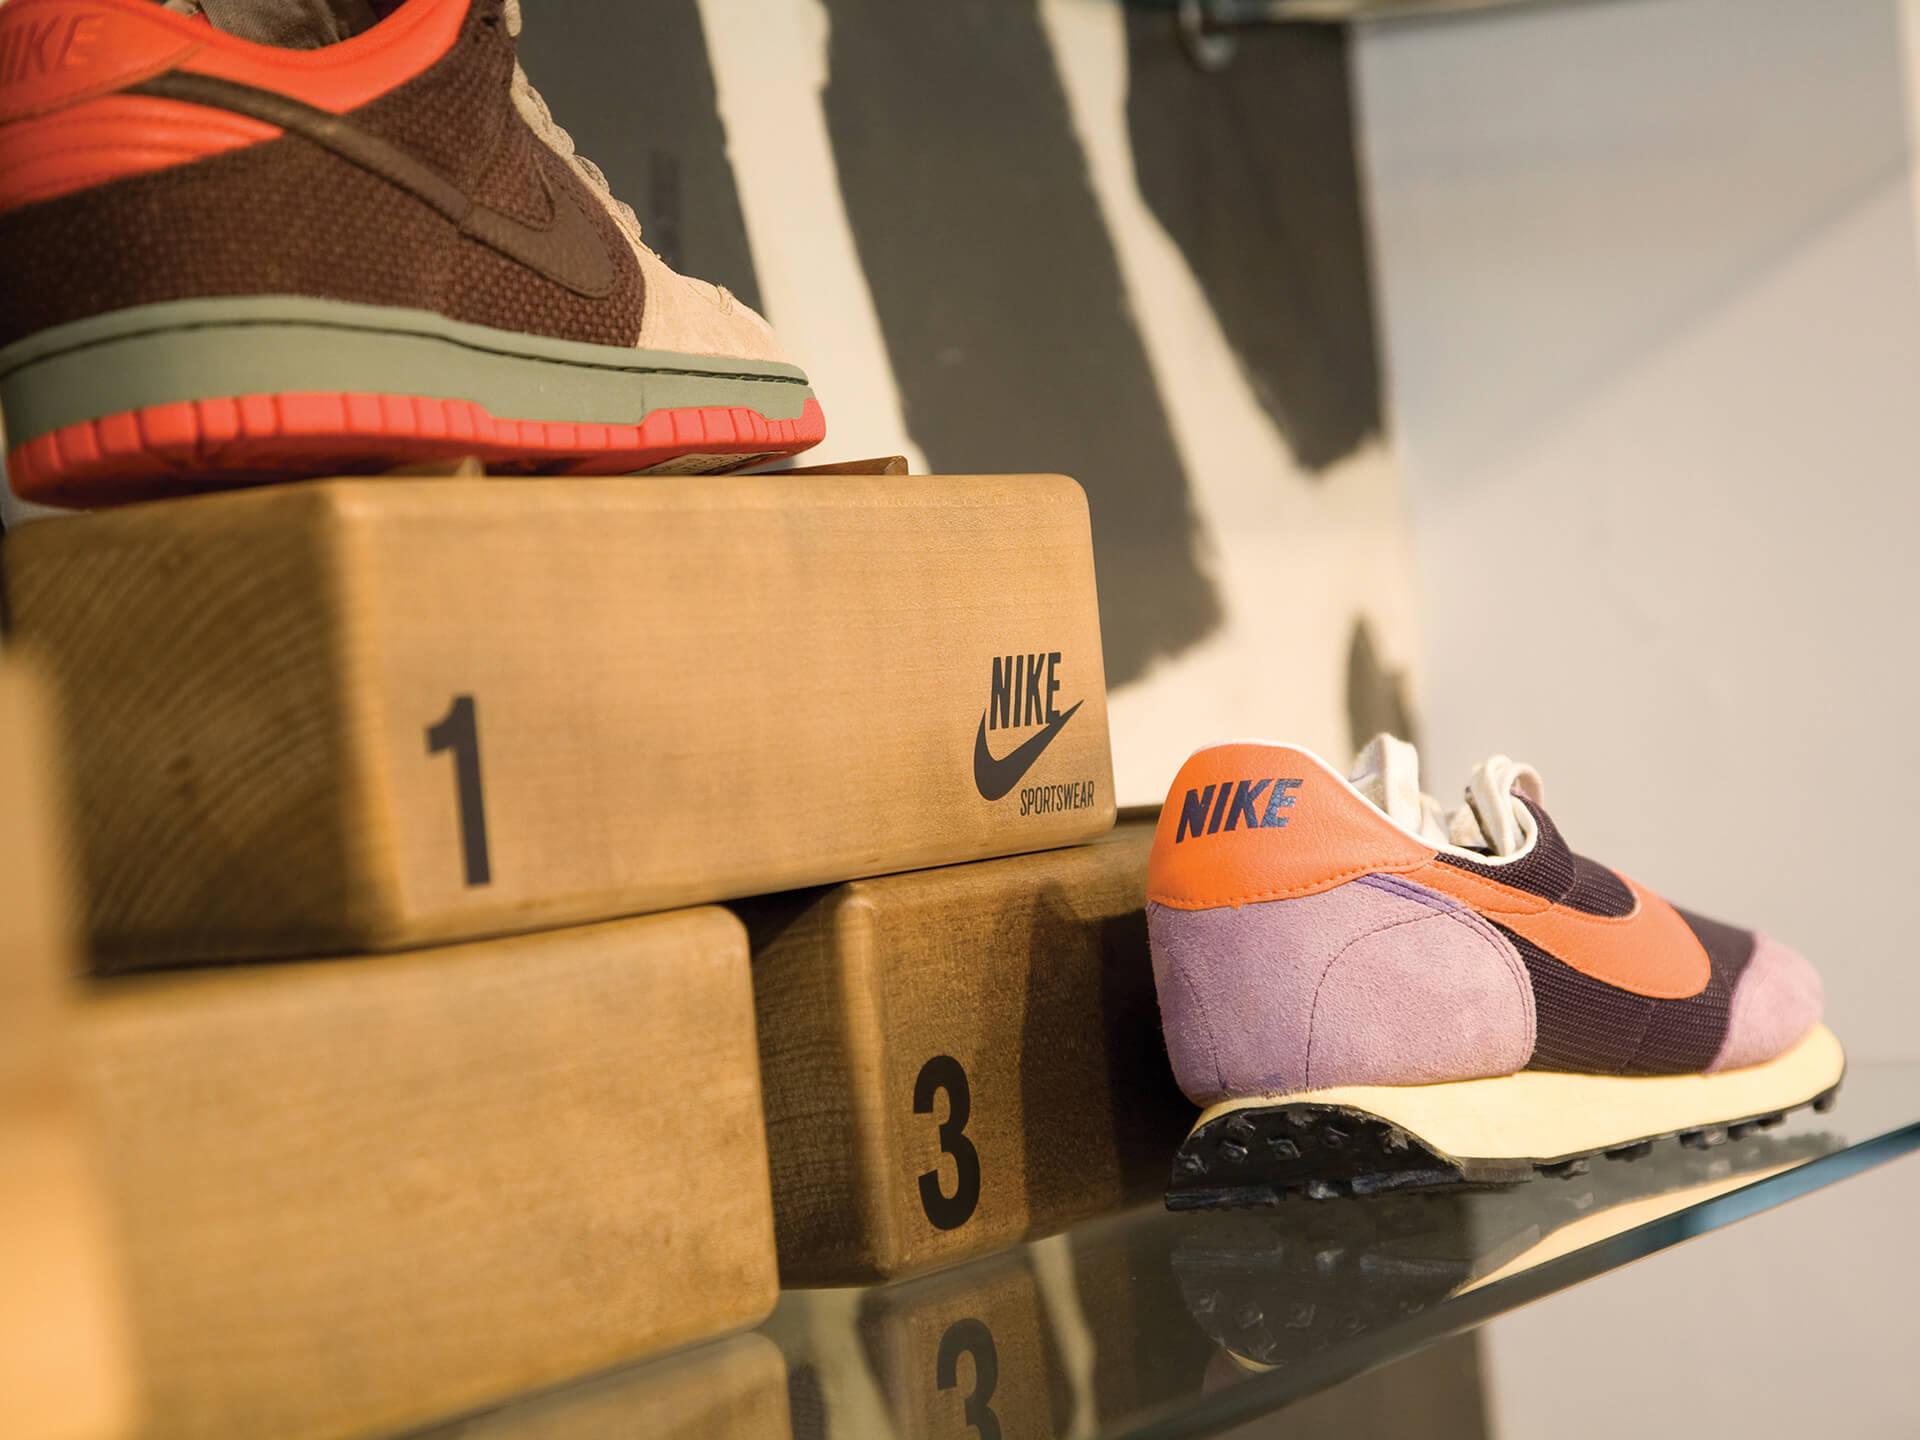 Nike Sportswear Launch 08_08_08 1920px 13